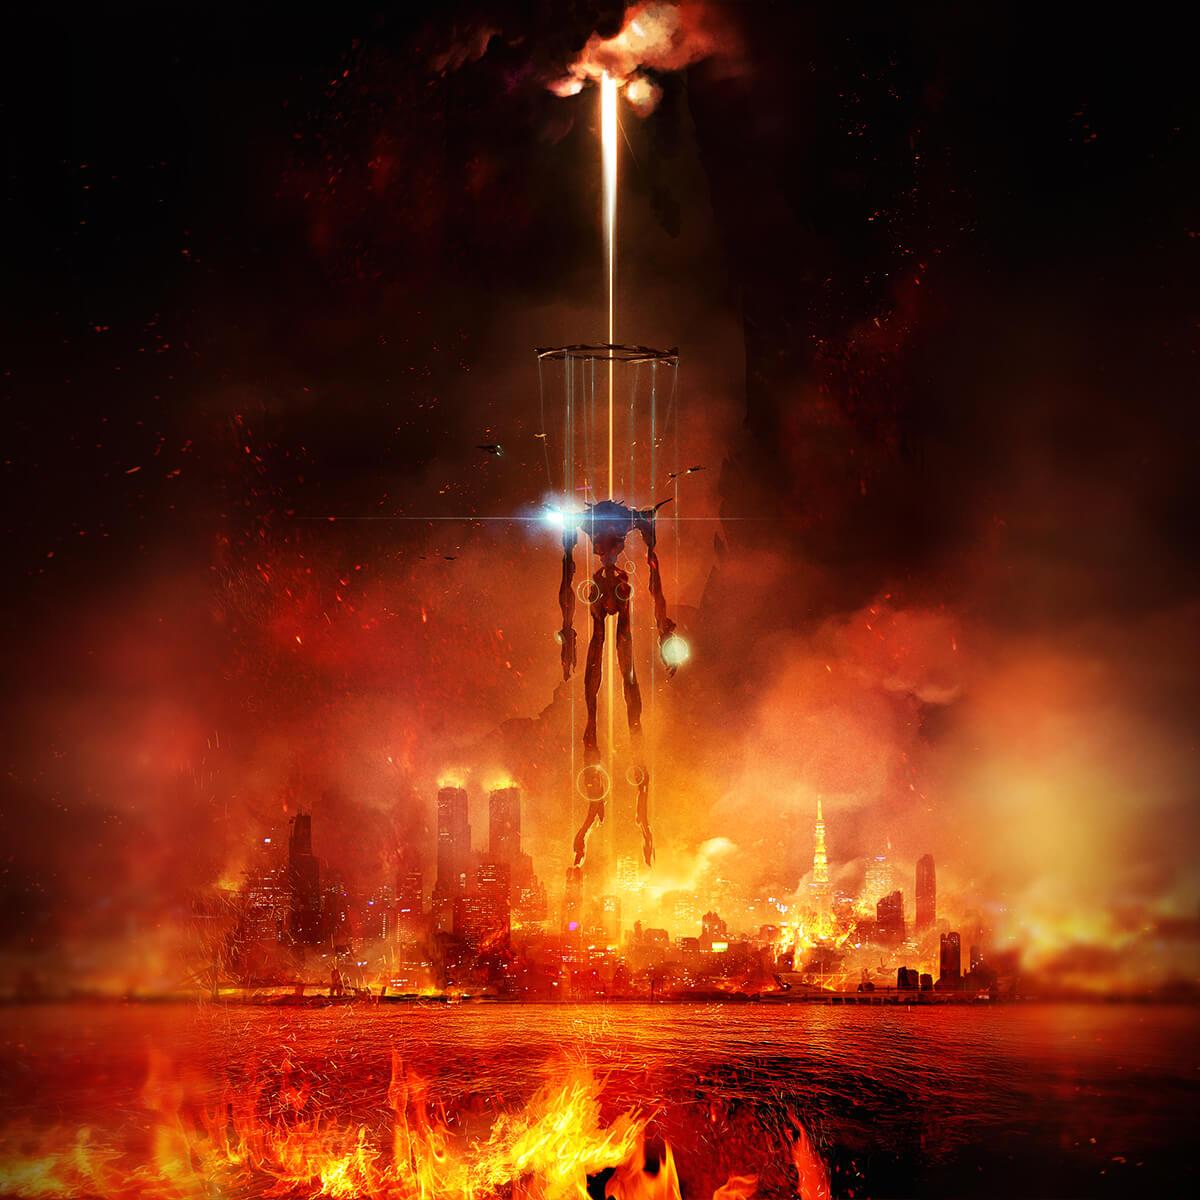 180719(2) - 艾蕾卡7淪為人類之敵...劇場版《ANEMONE/交響詩篇エウレカセブン ハイエボリューション》宣布11/10上映!